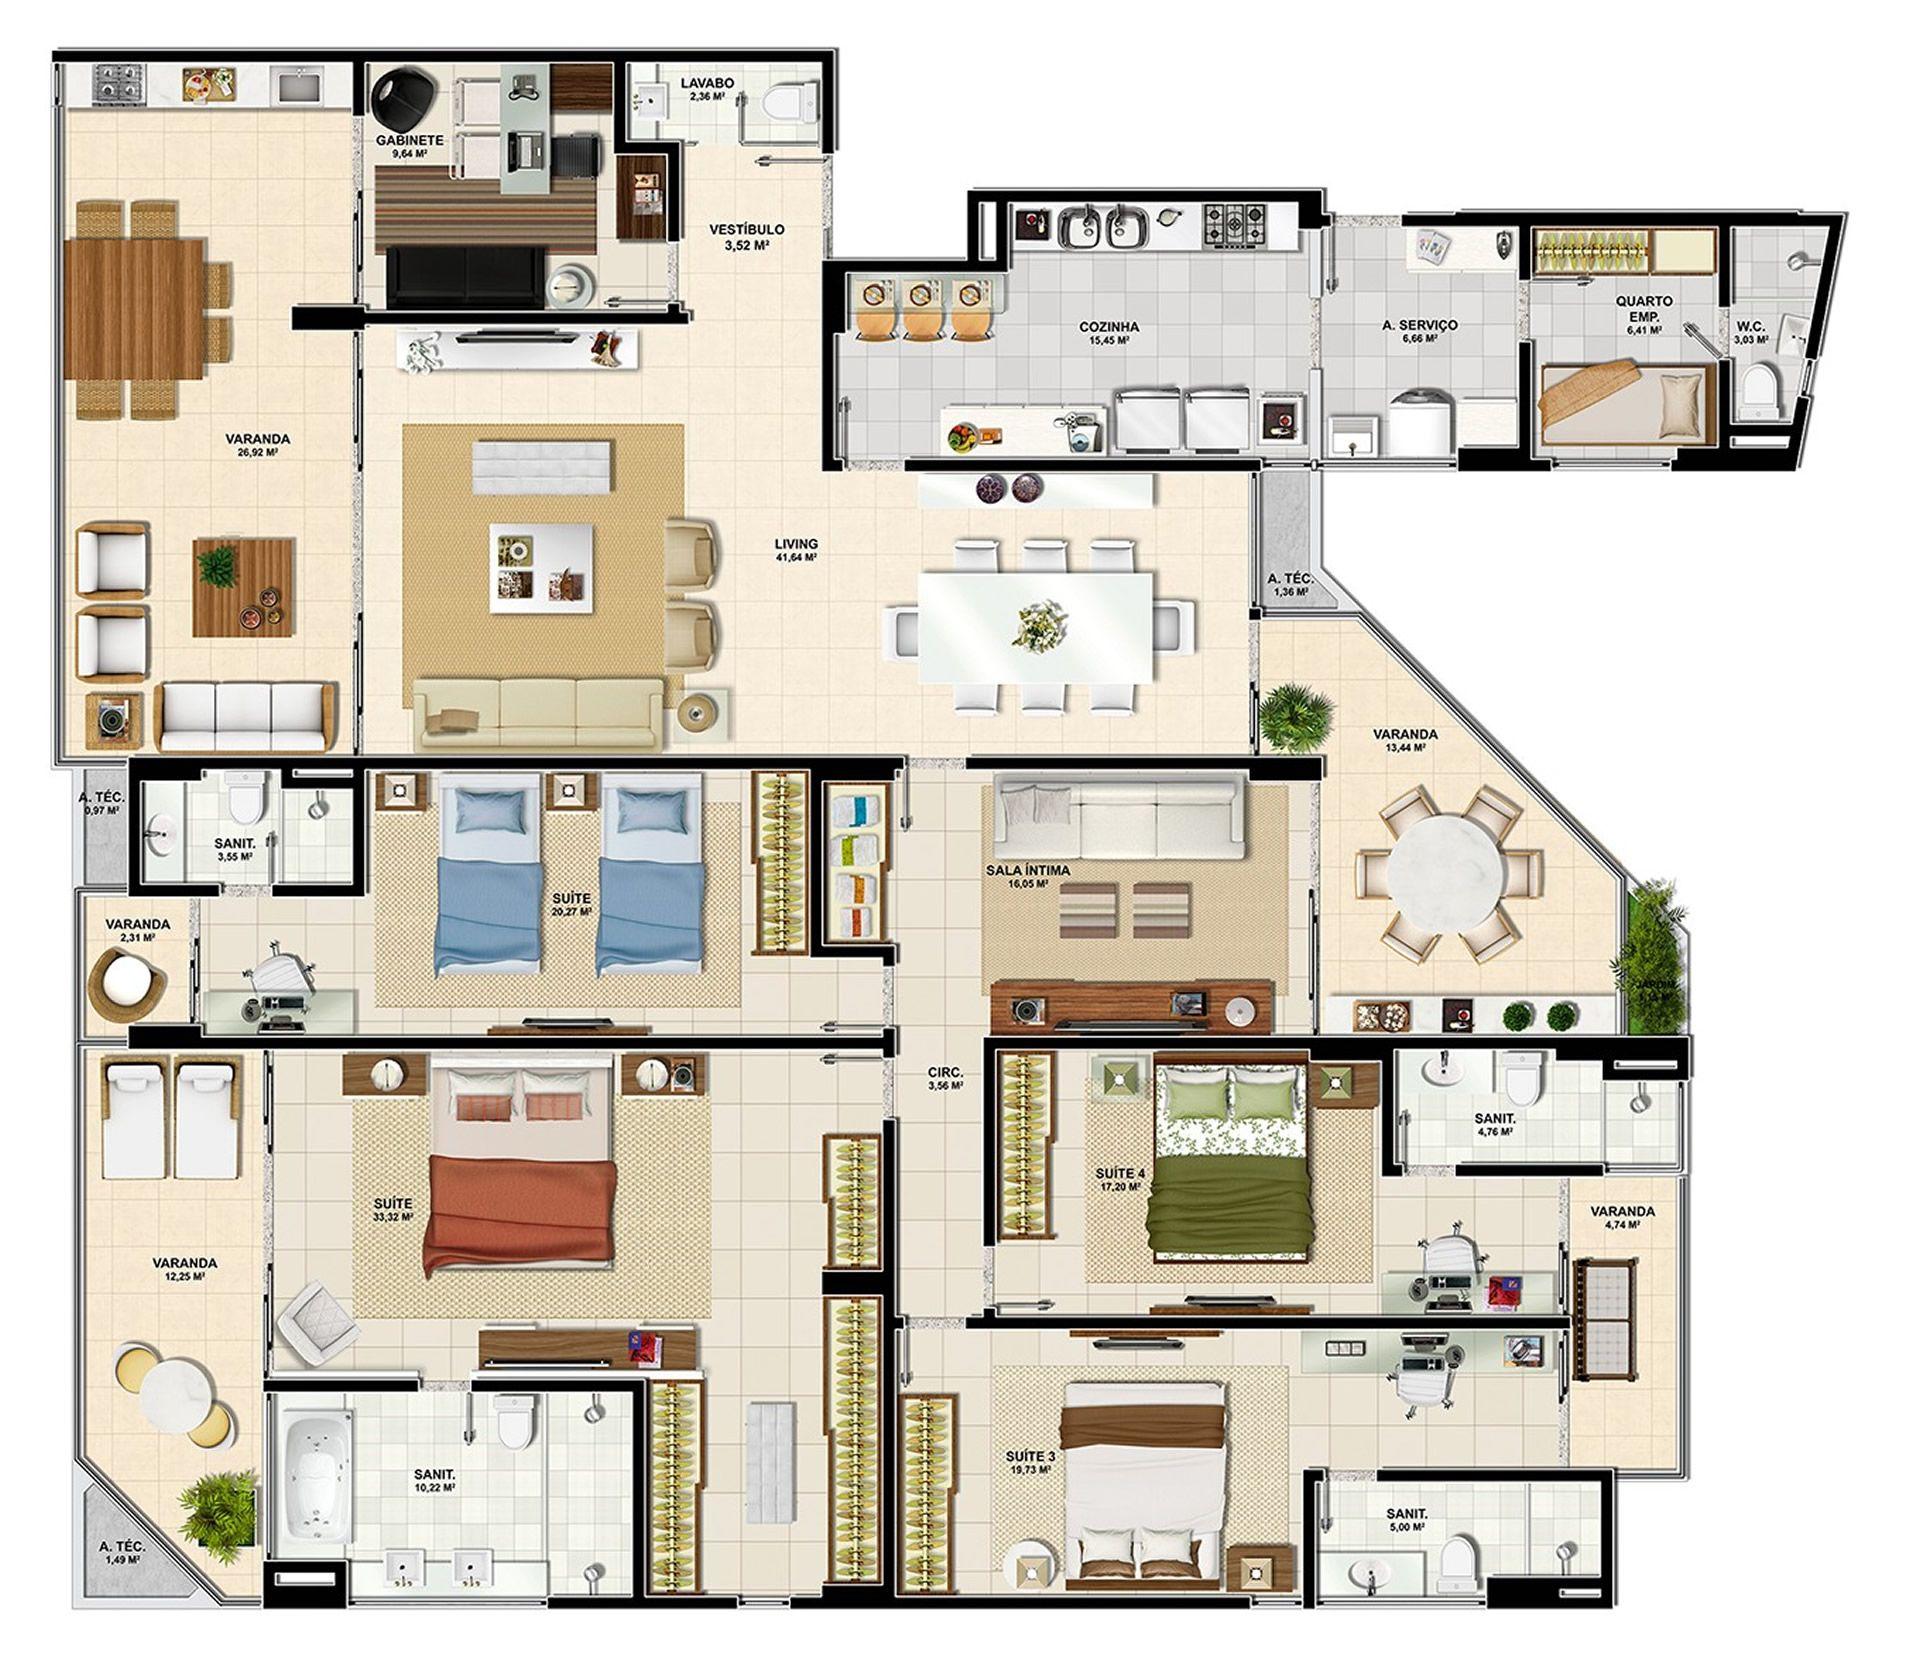 10 plantas para casas grandes plantas modelo e quartos for Modelo de casa procrear lujan 3 dormitorios